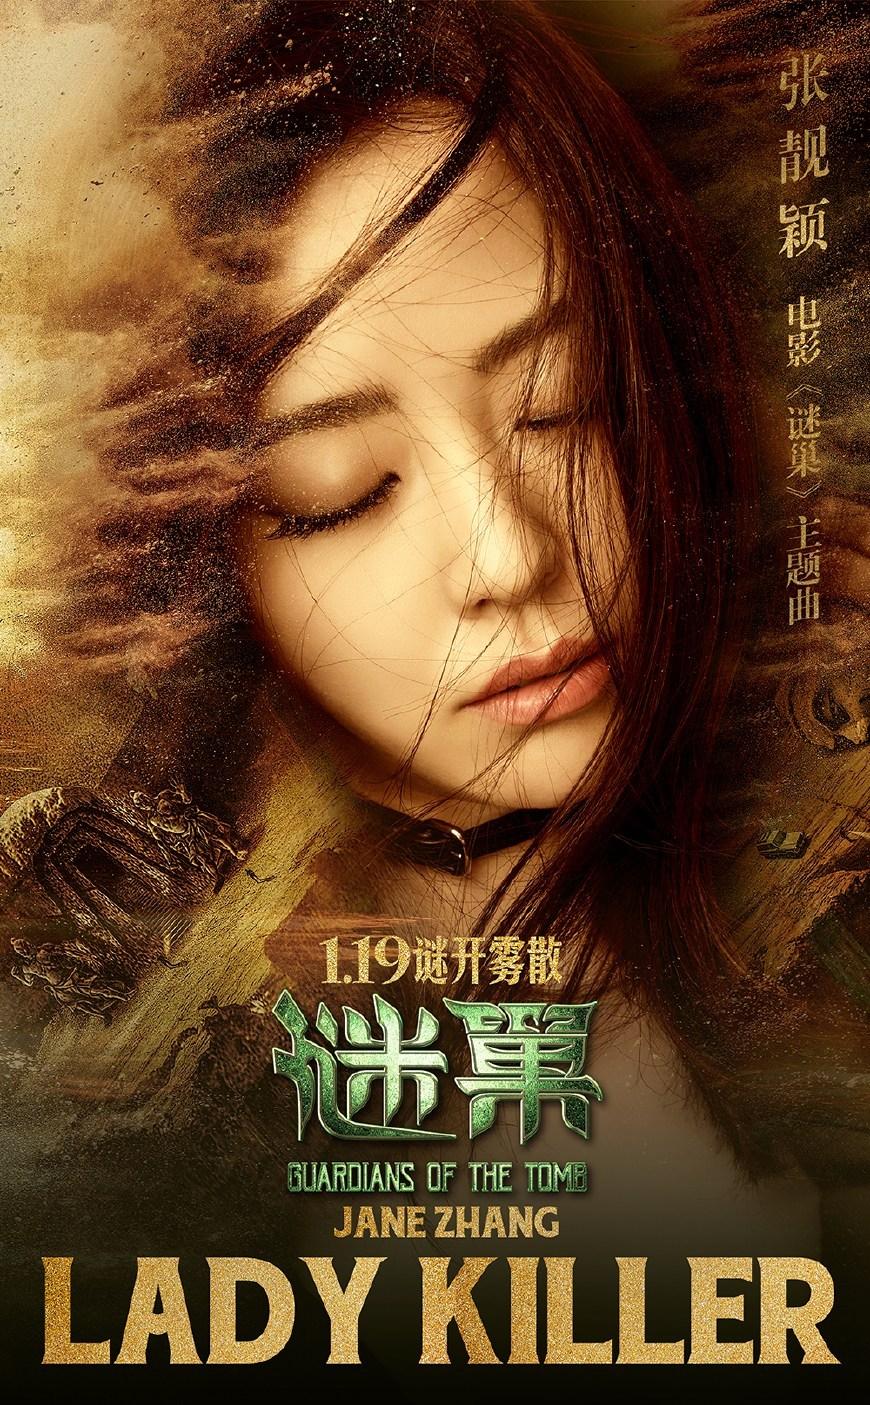 《谜巢》主题曲今日揭晓  张靓颖再献国际级OST金曲